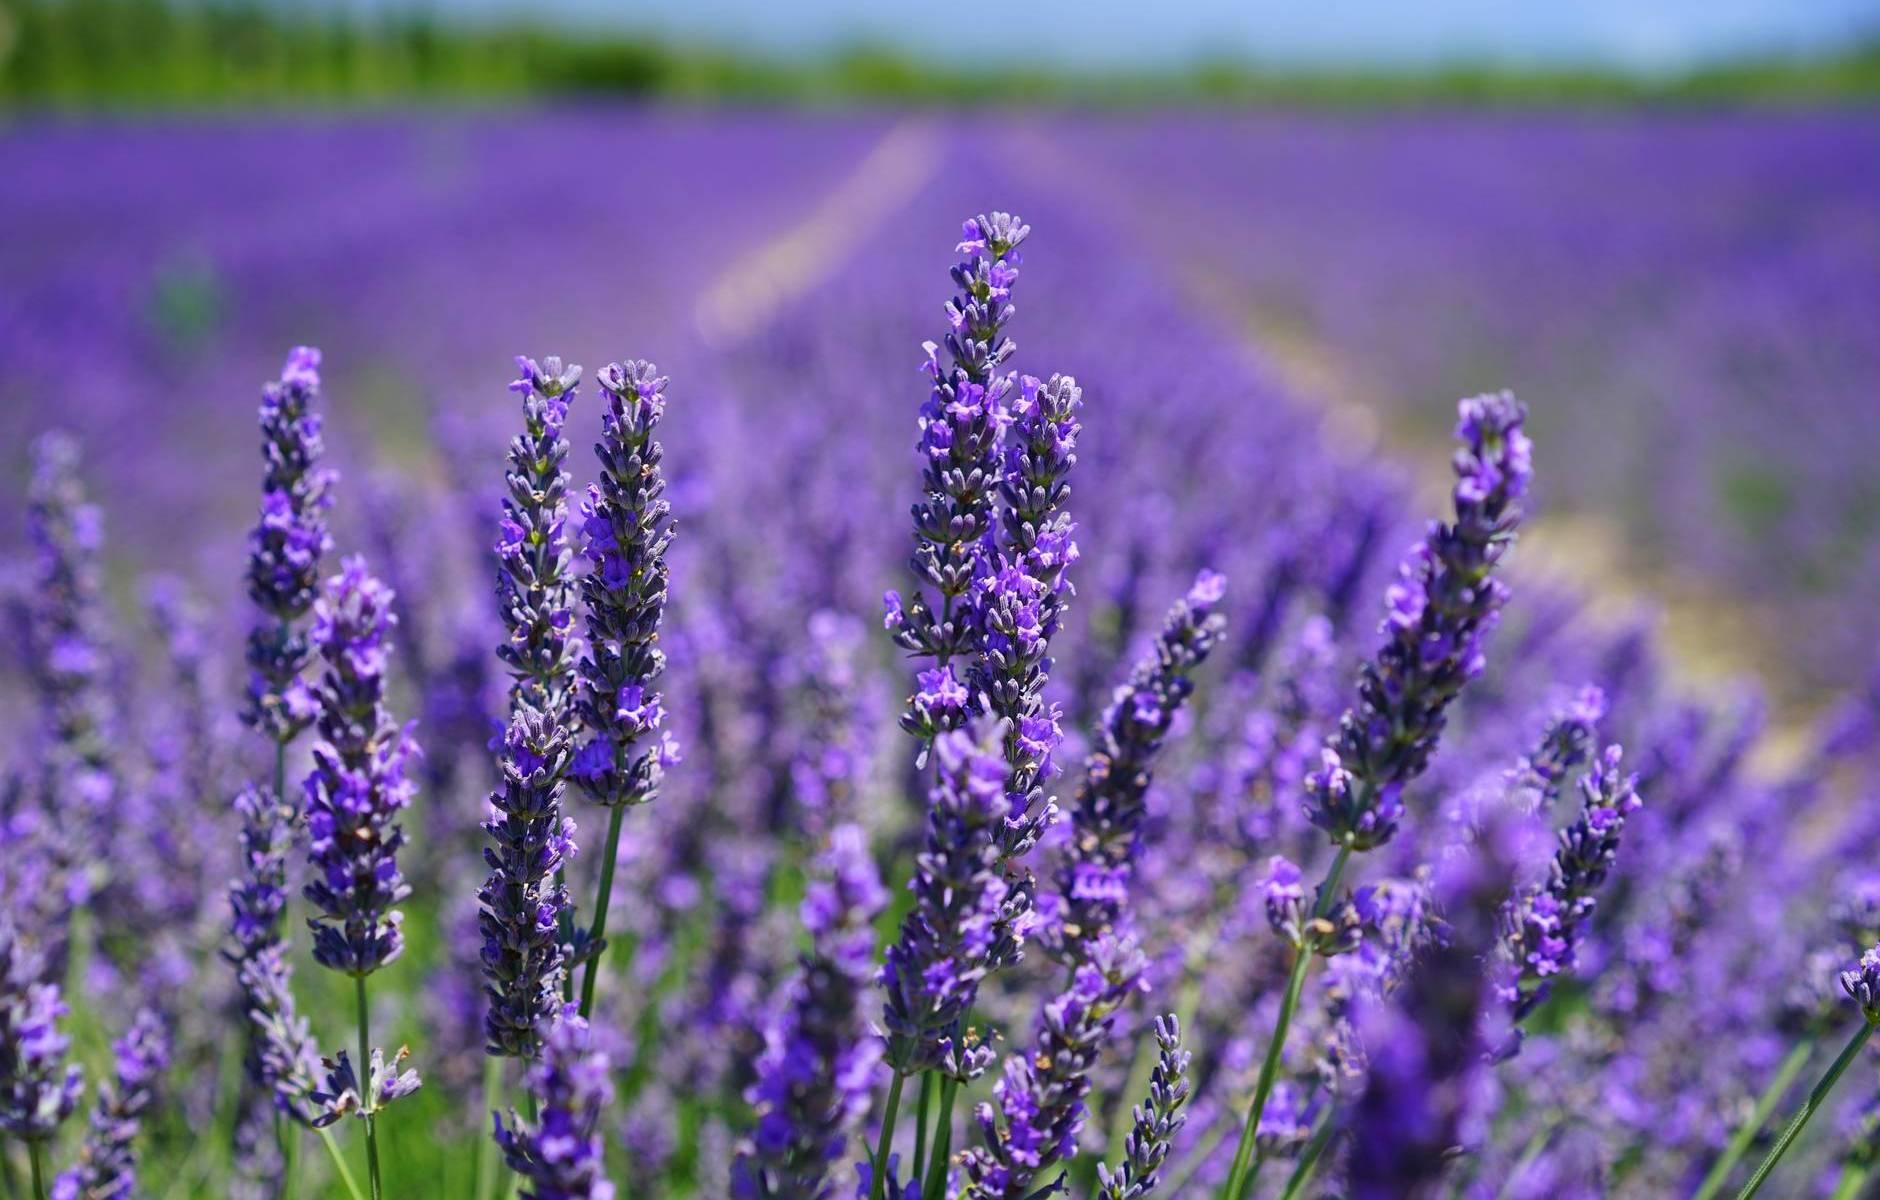 purple petal flowers focus photograph